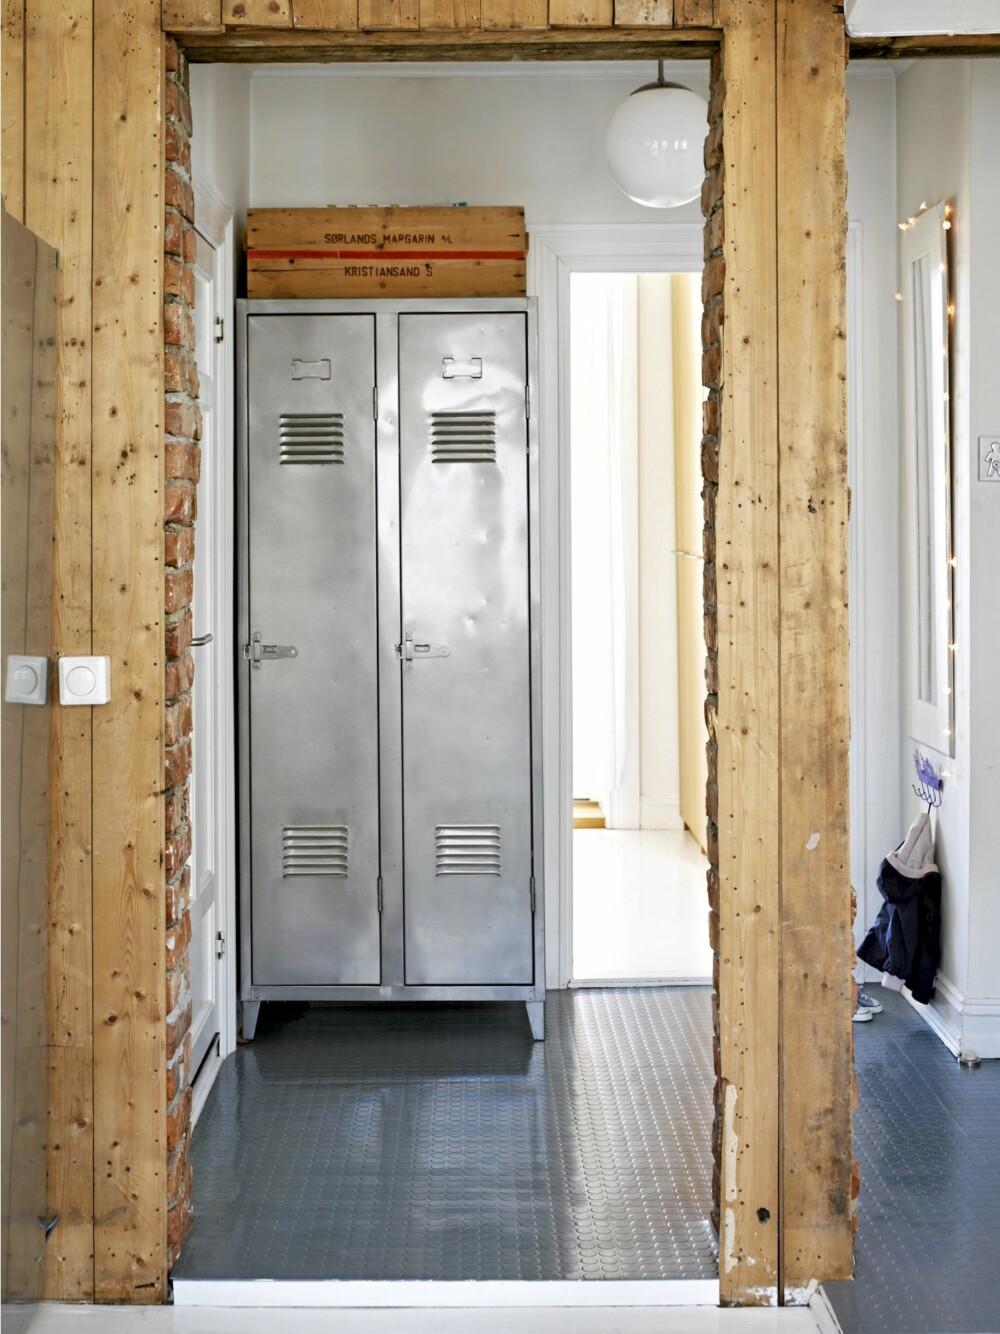 RÅTT OG PRAKTISK: Yttertøy og sko er stuen inn i stålskapet fra Kvist. Boligens toåring har en egen knaggrekke ved ytterdøren.